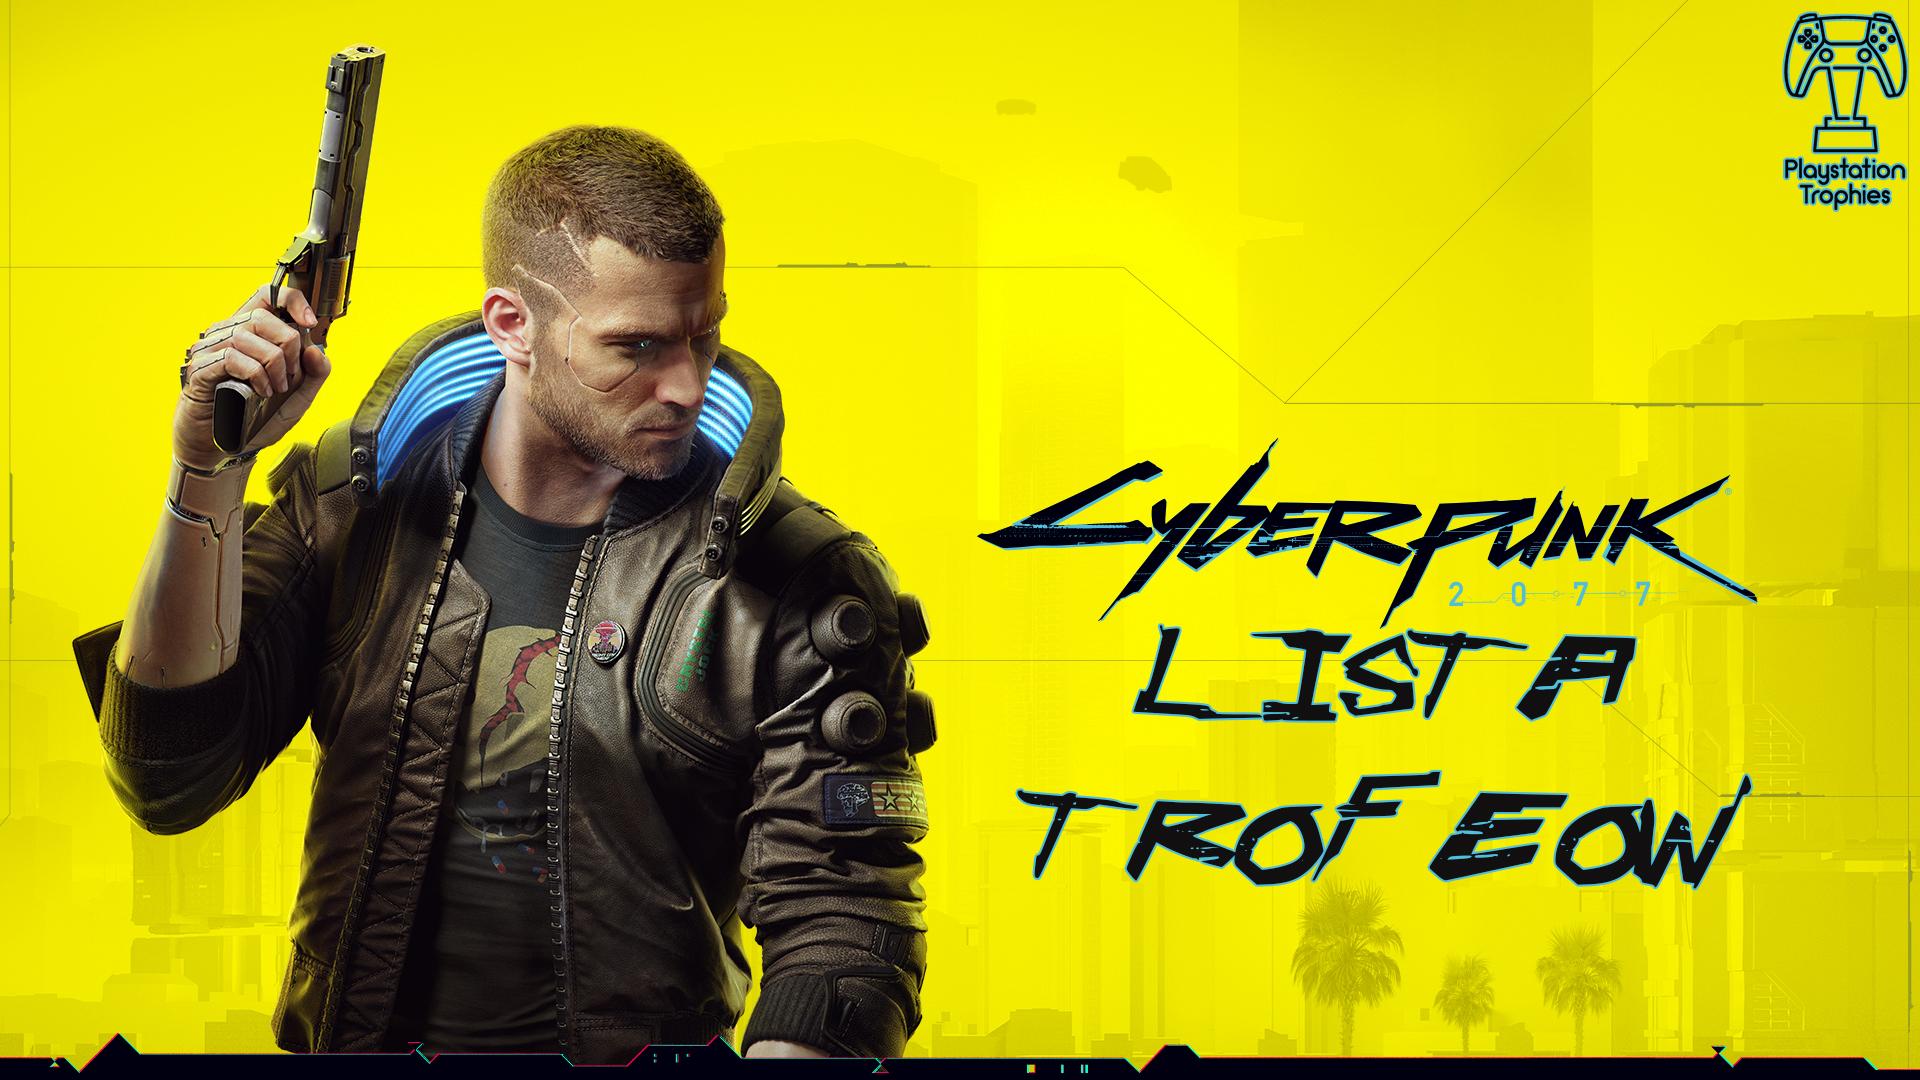 [Obrazek: Cyberpunk-2077-Lista-Trofe%c3%b3w.jpg]